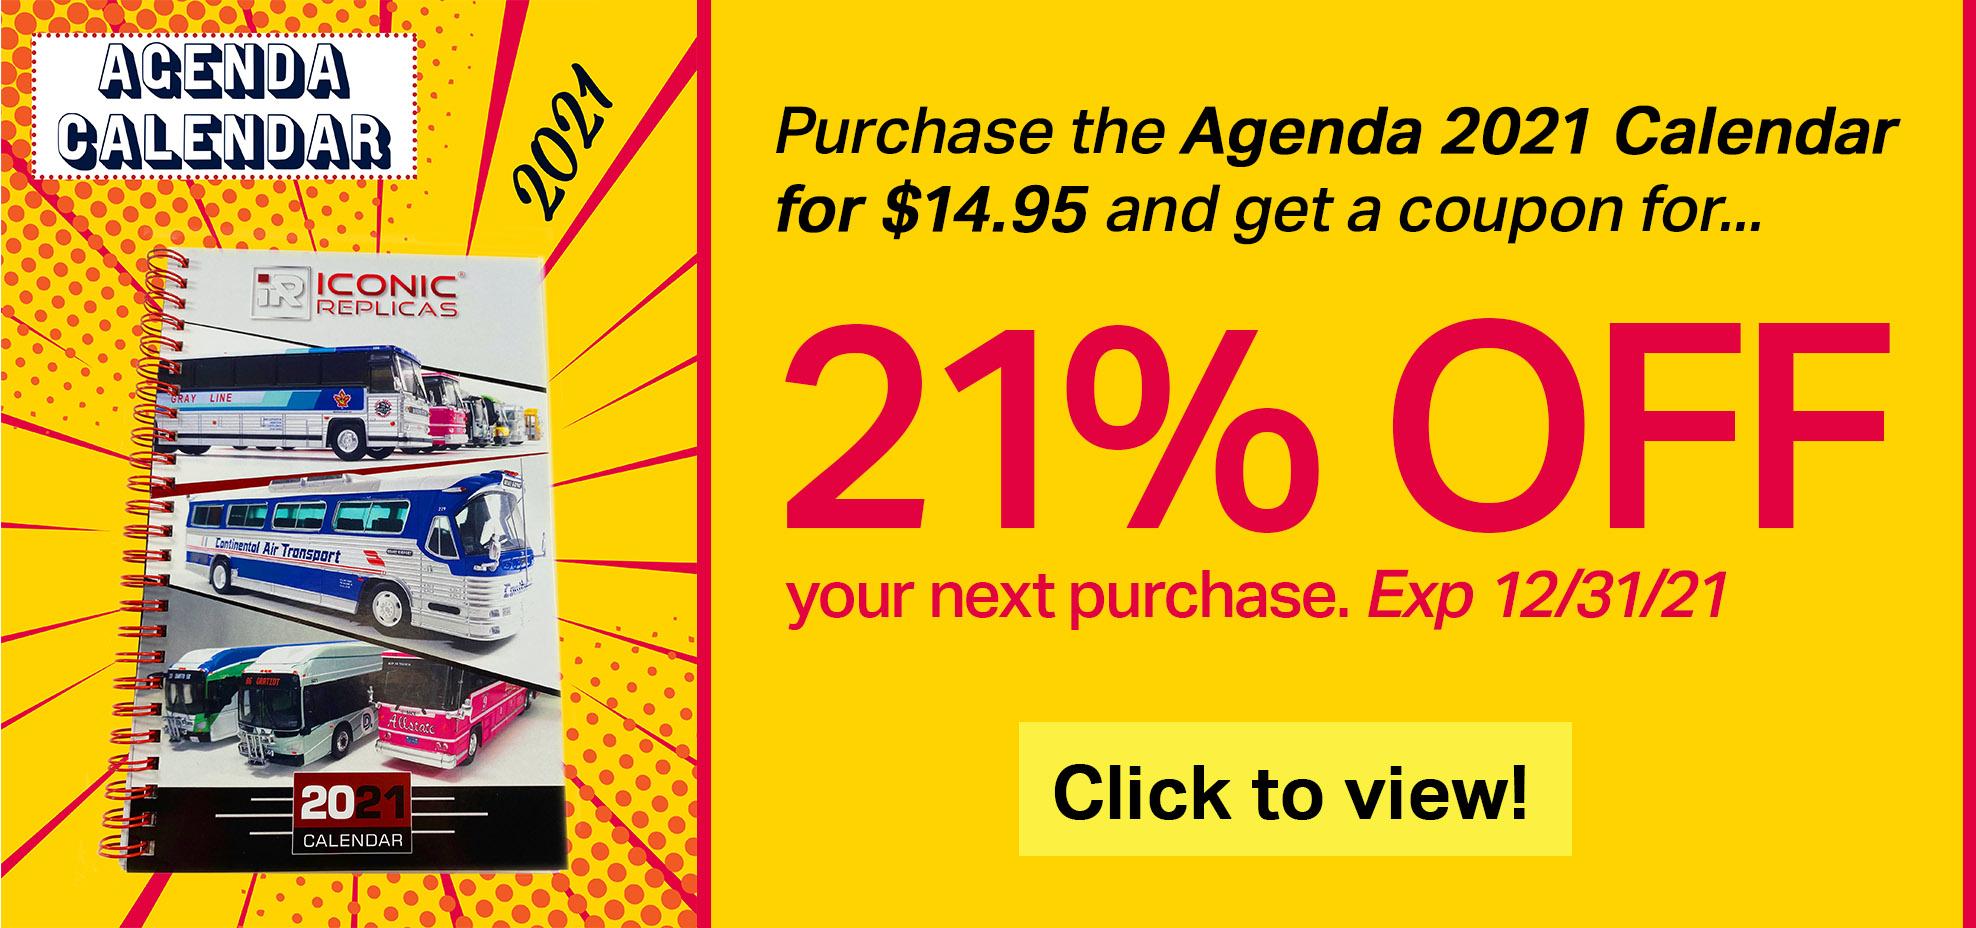 agenda-banner.jpg